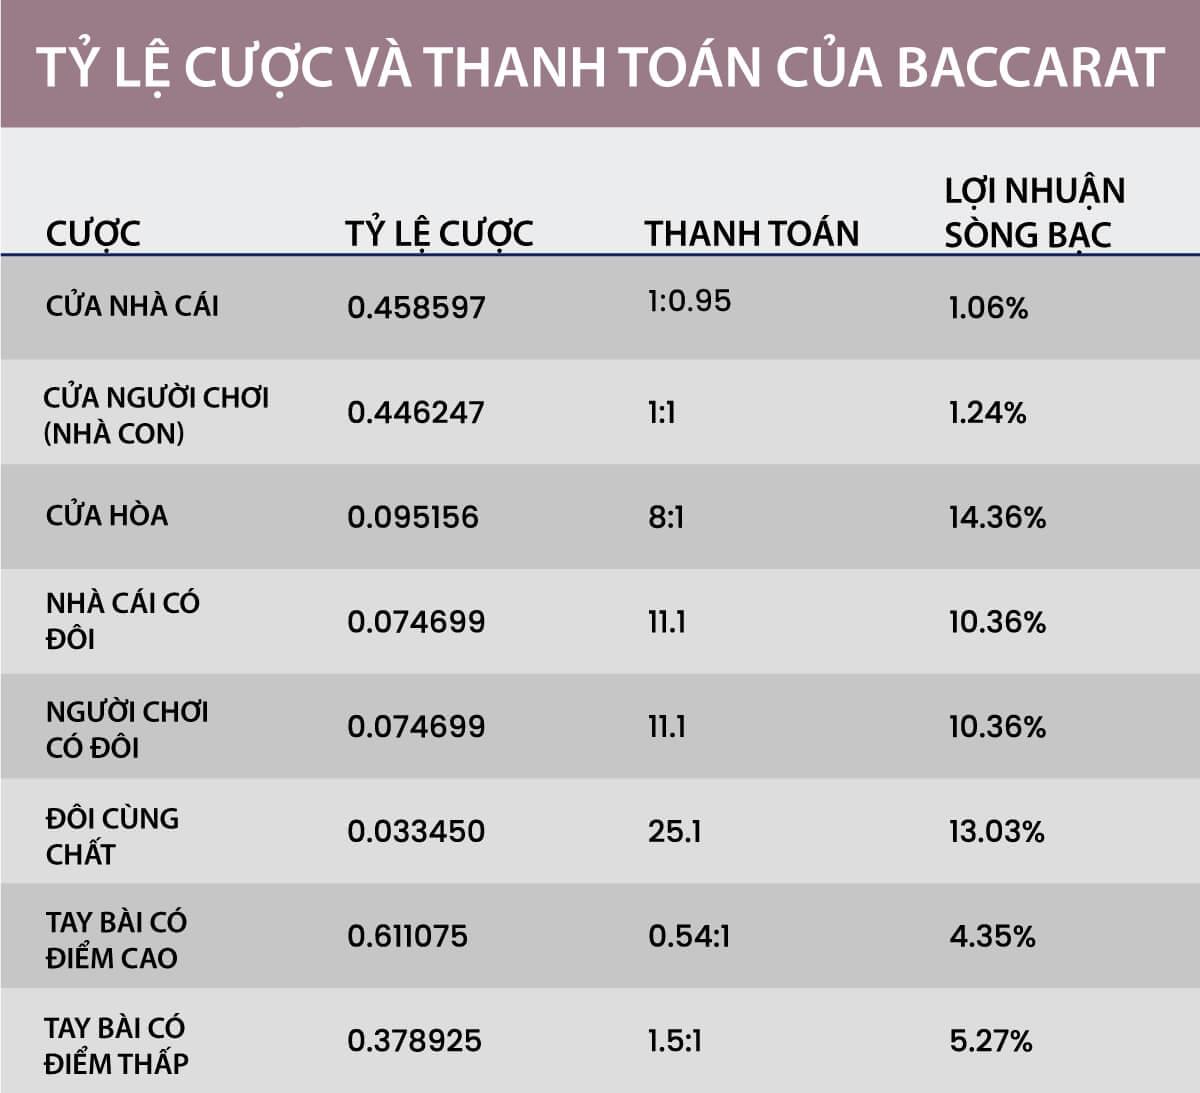 Tỷ lệ cược và thanh toán của Baccarat